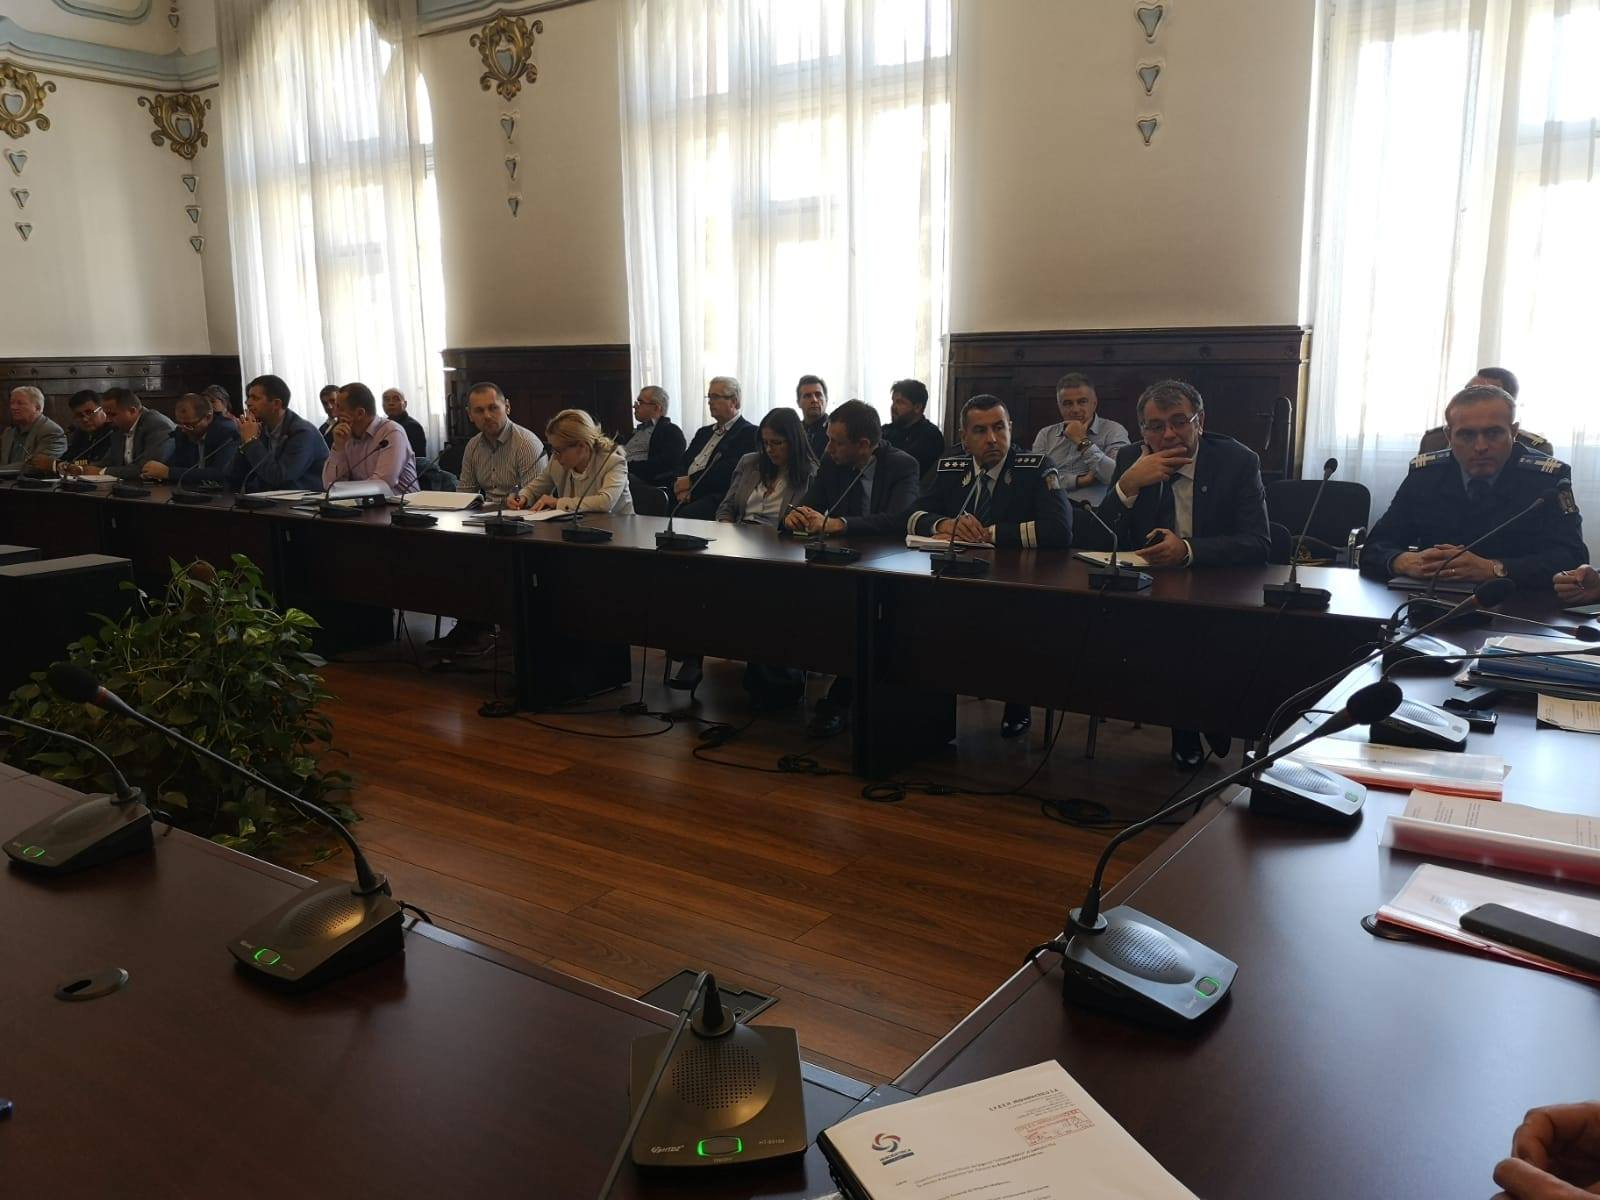 ședință CJSU în 2019 / sursa foto Instituția Prefectului Cluj